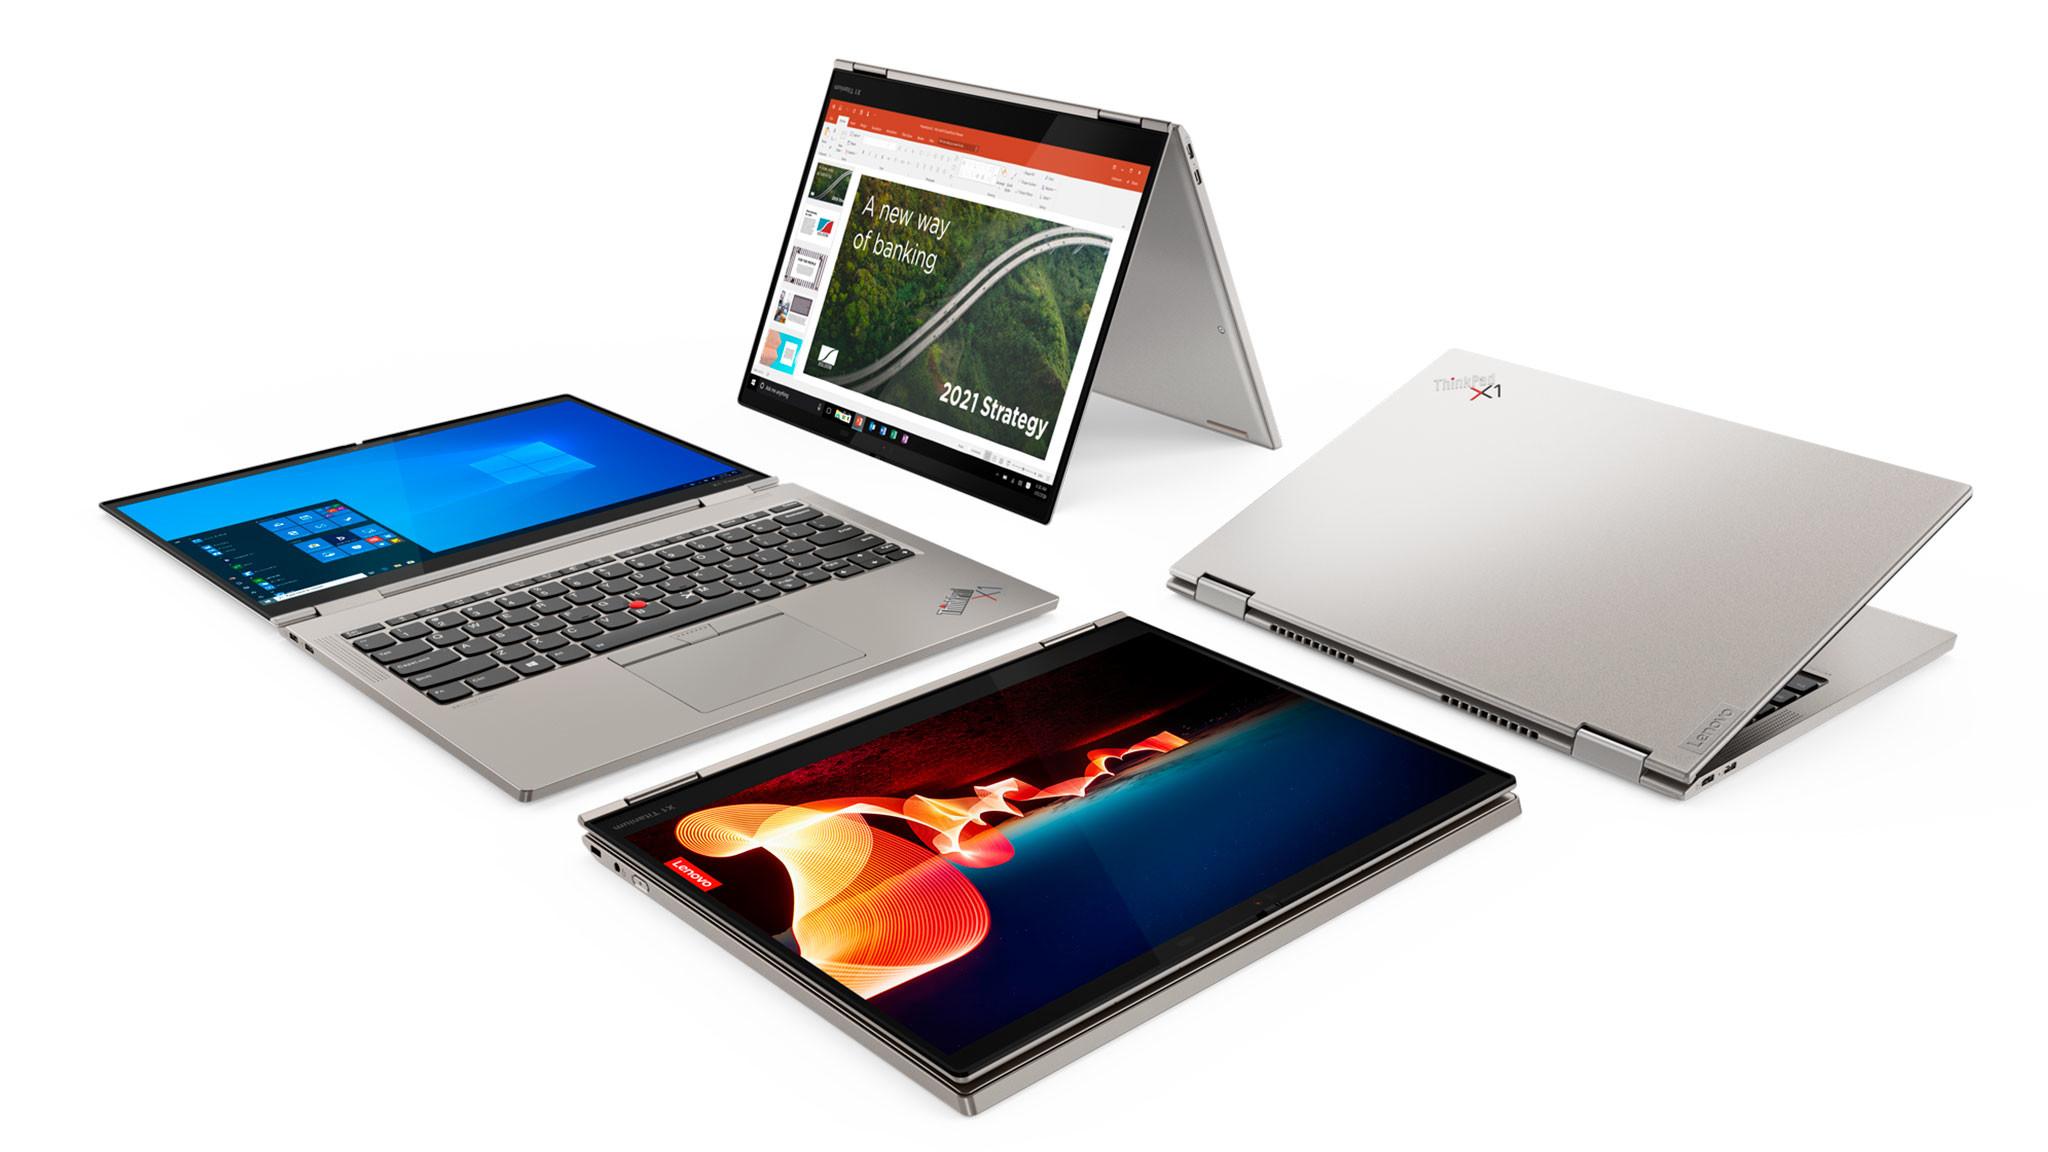 Lenovo ThinkPad X1 Titanium Yoga in diversen Modi vor weißem Hintergrund.©Lenovo